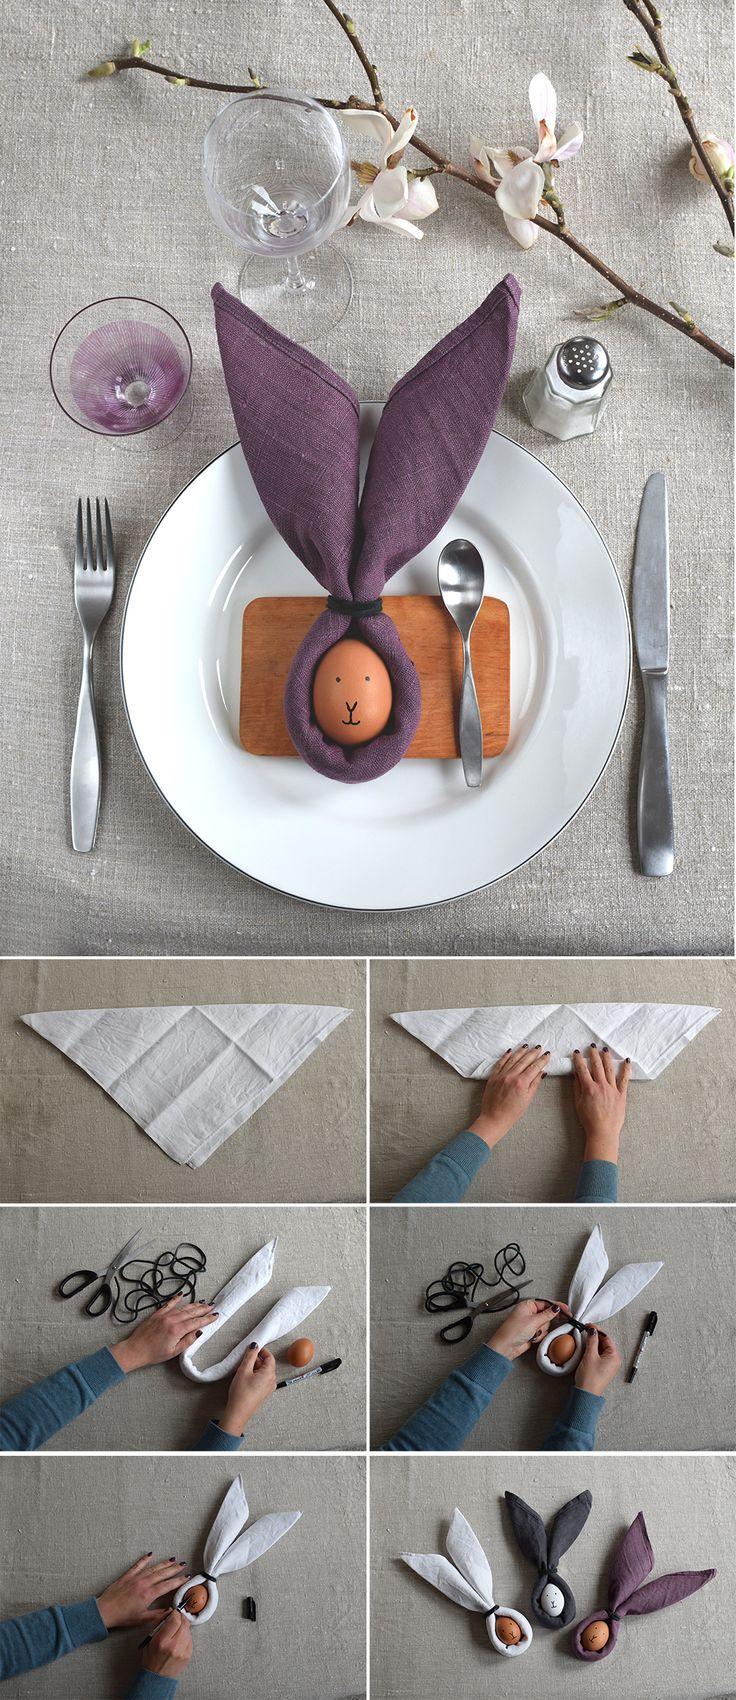 Påskdukning. Med servett och ägg blir påskbordet snabbt och enkelt fint fixat. Table setting för easter. @helenalyth